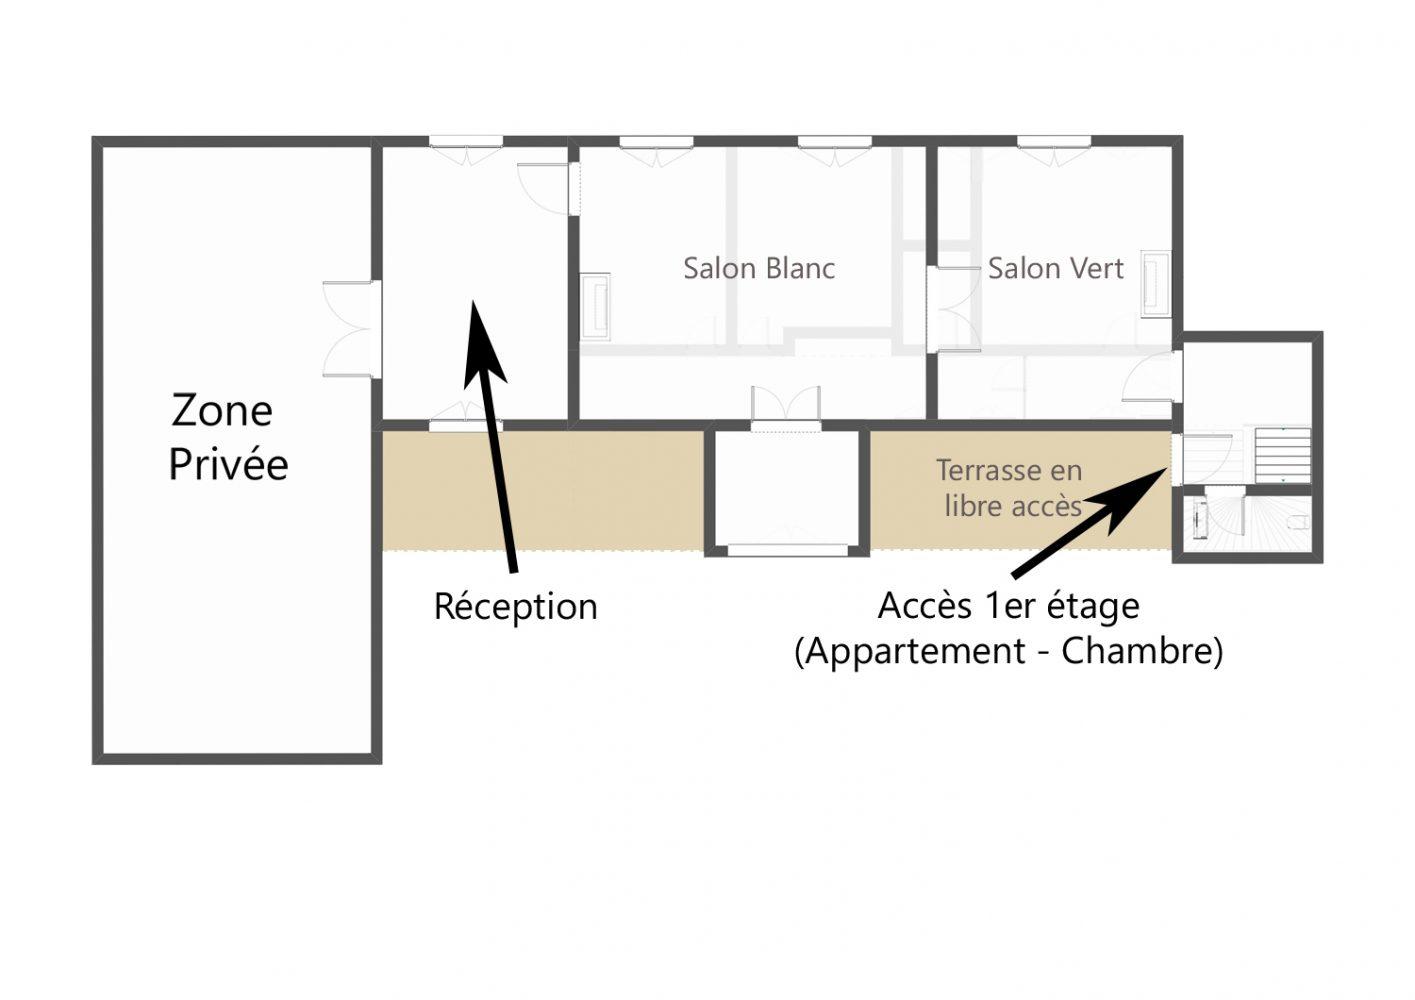 Plan du rez de chaussée du château de Salvert Chambre d'hôtes